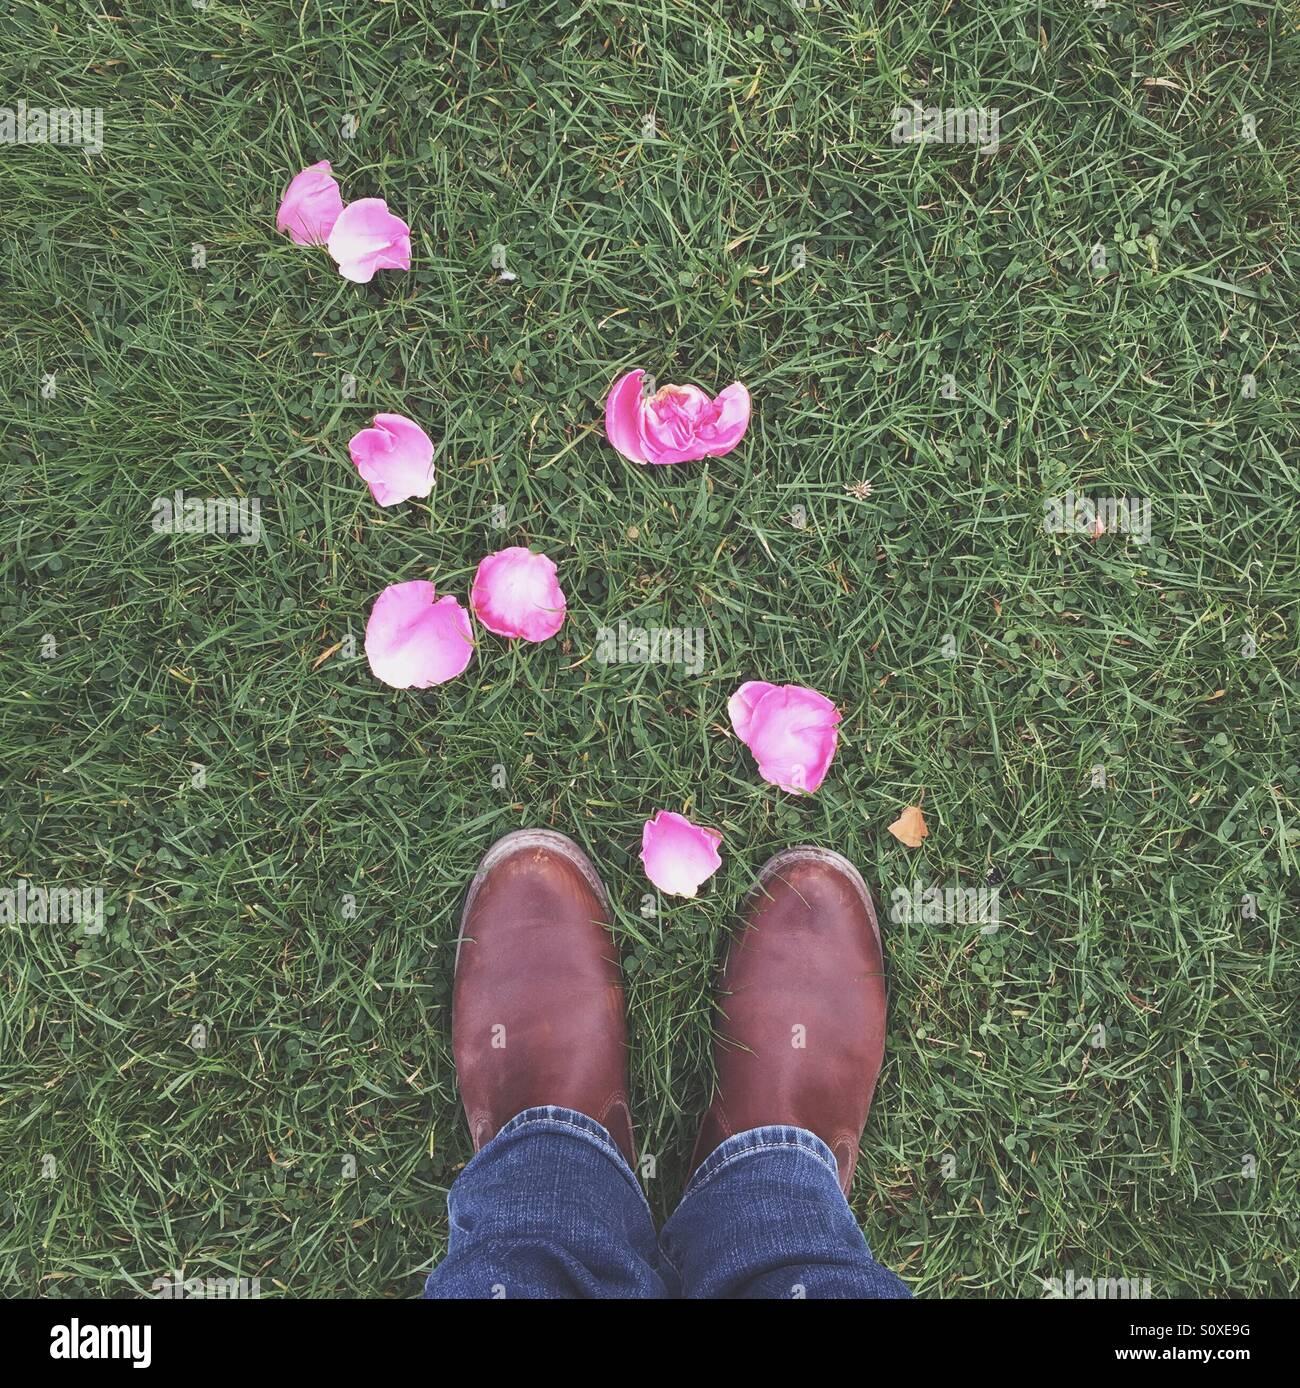 Dame de pétales de rose Photo Stock